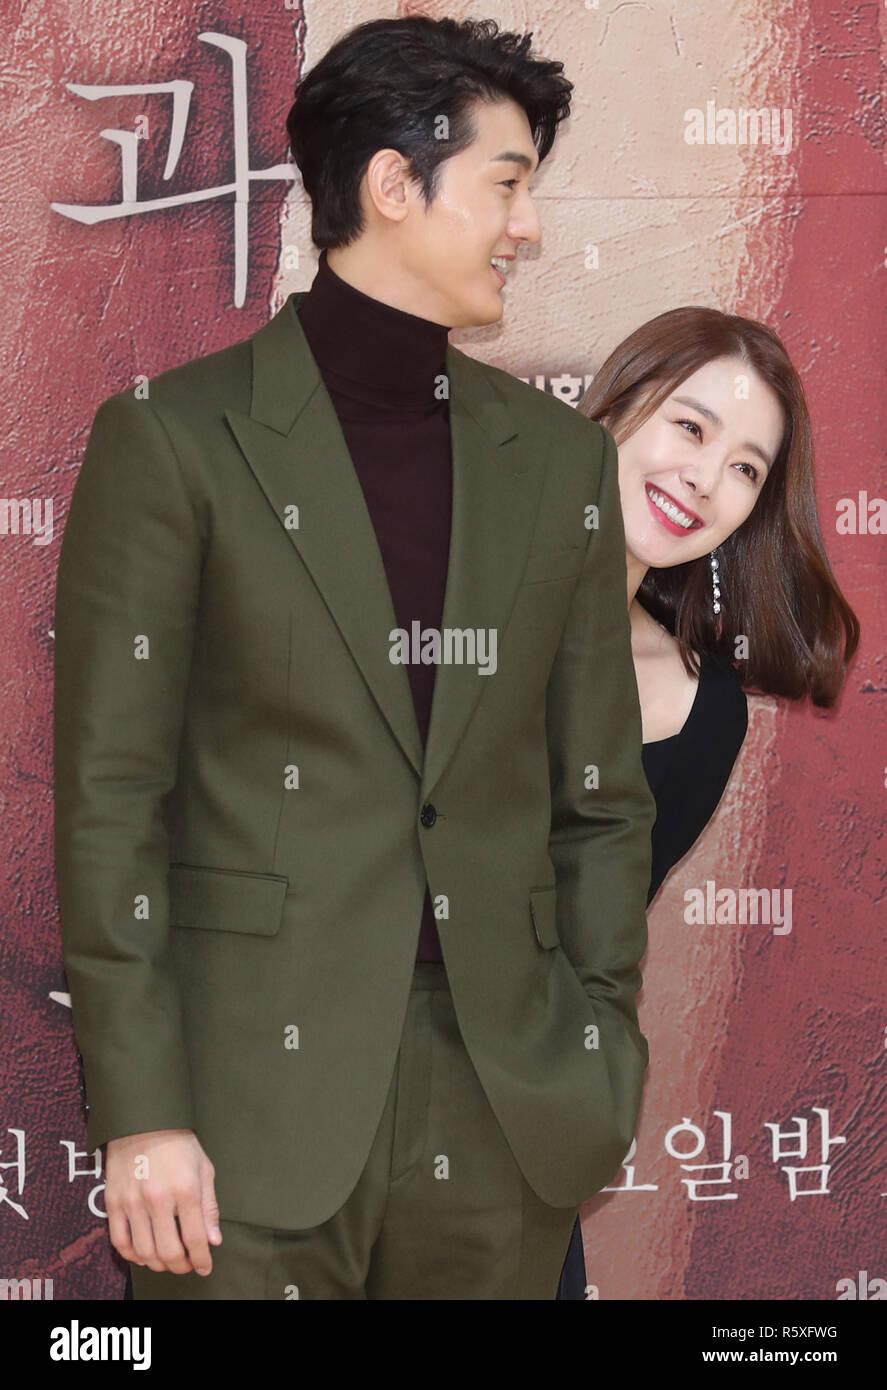 03rd Dec 2018 S Korean Actor Lee Ki Woo And Actress So Yi